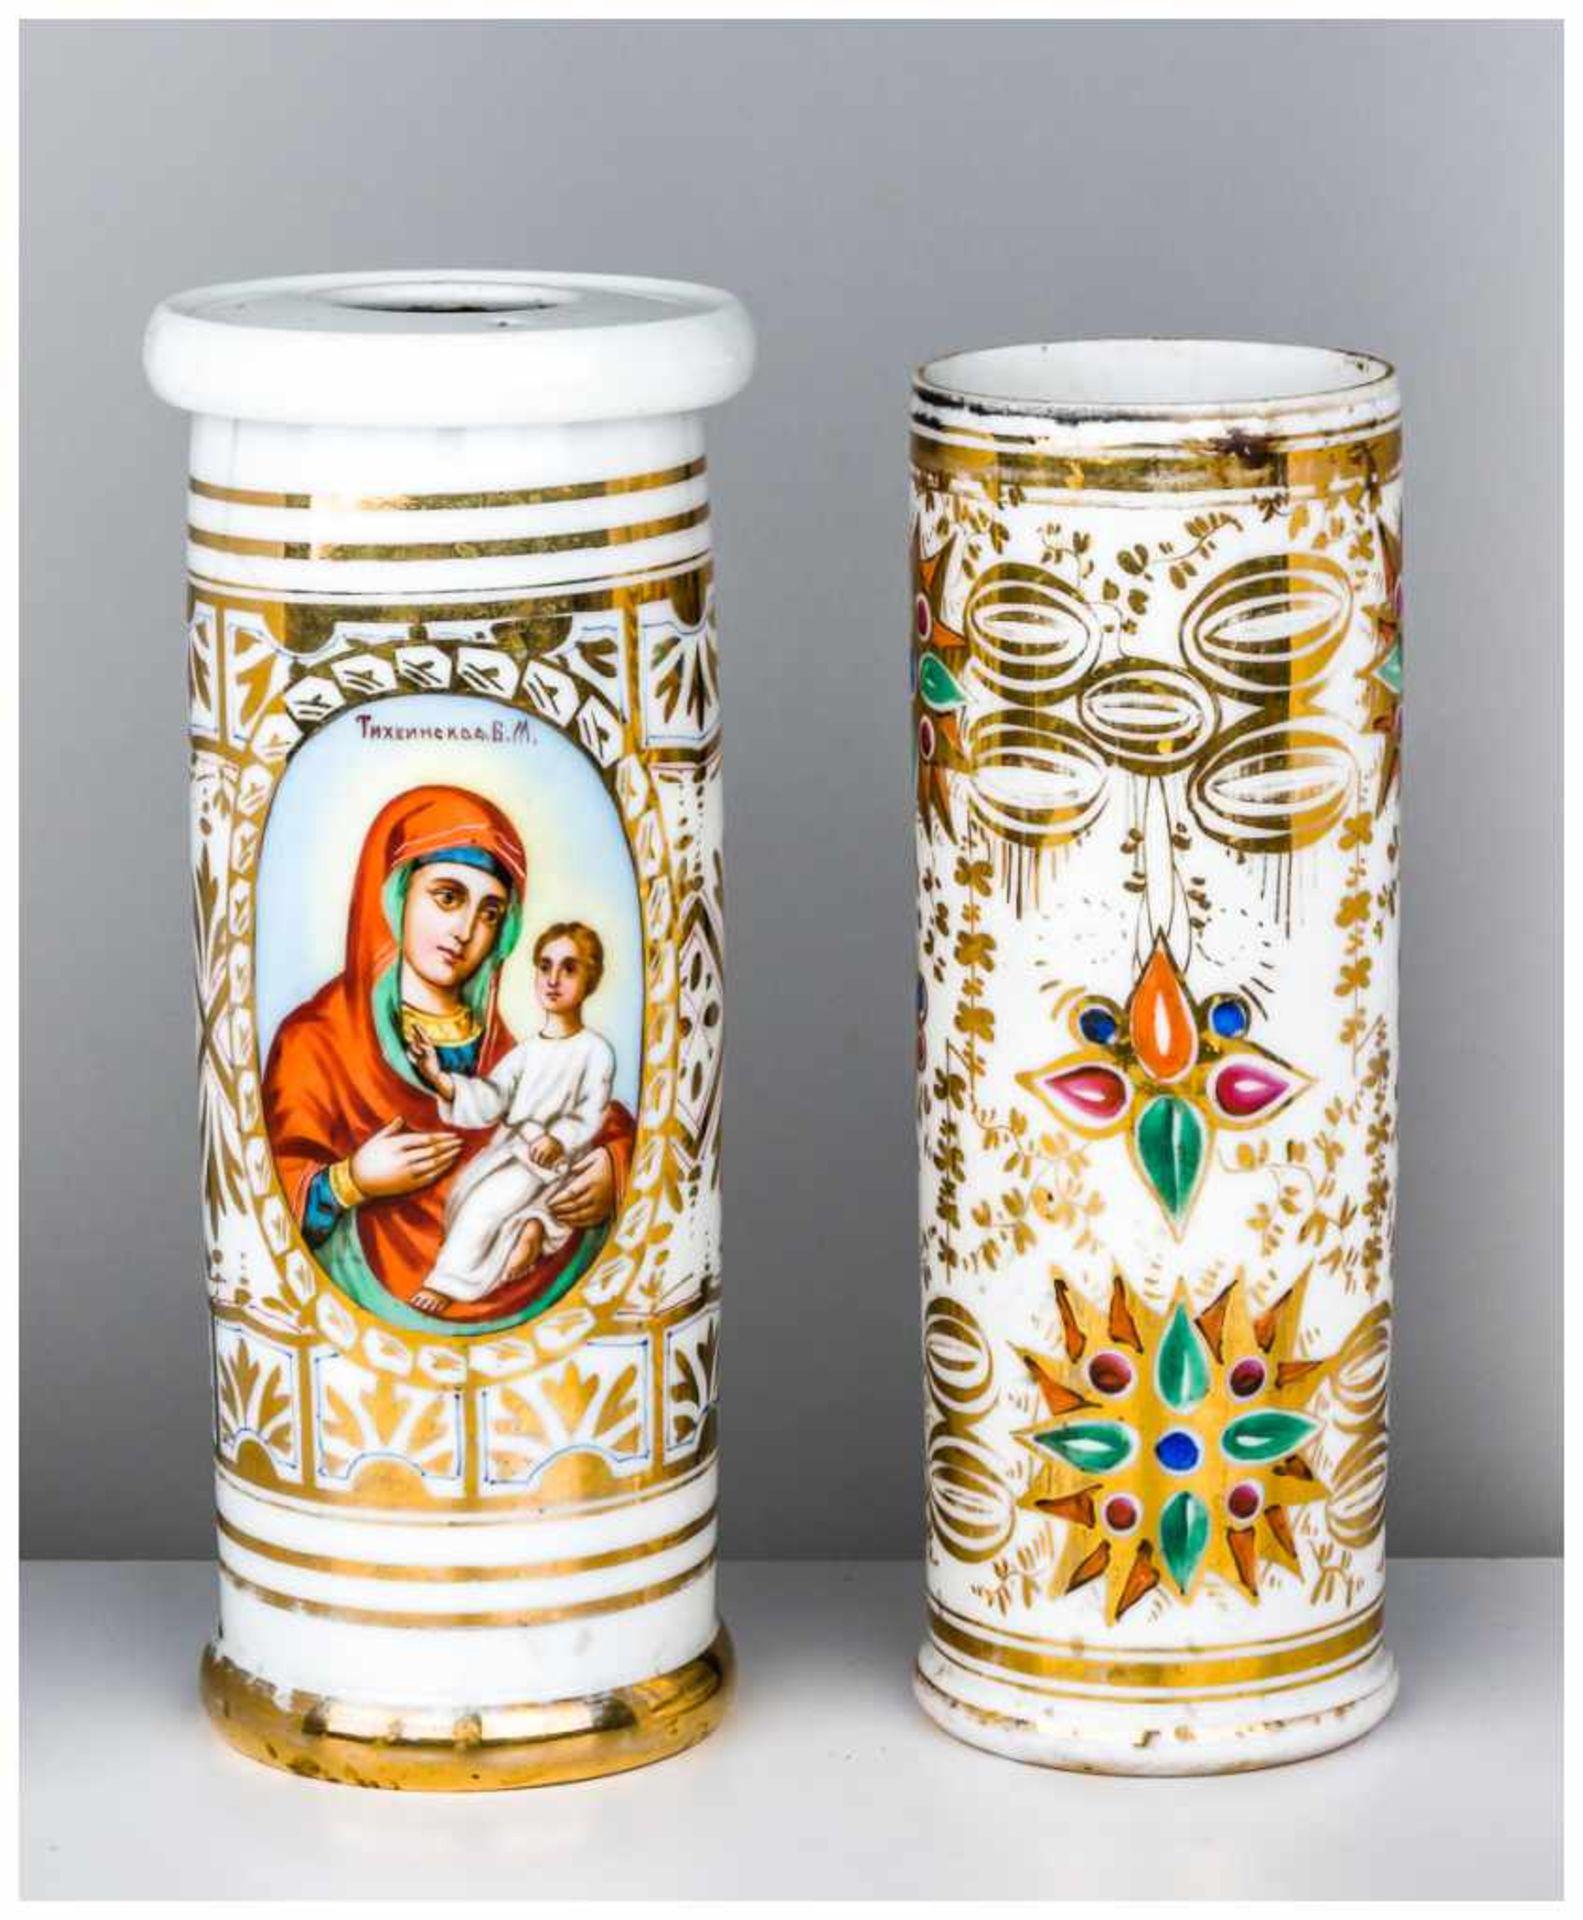 Los 27 - Zwei Kerzenleuchter Porzellan, ohne Marken, um 1900 25 x 9 cm und 27 x 11 cm Two candle sticks //